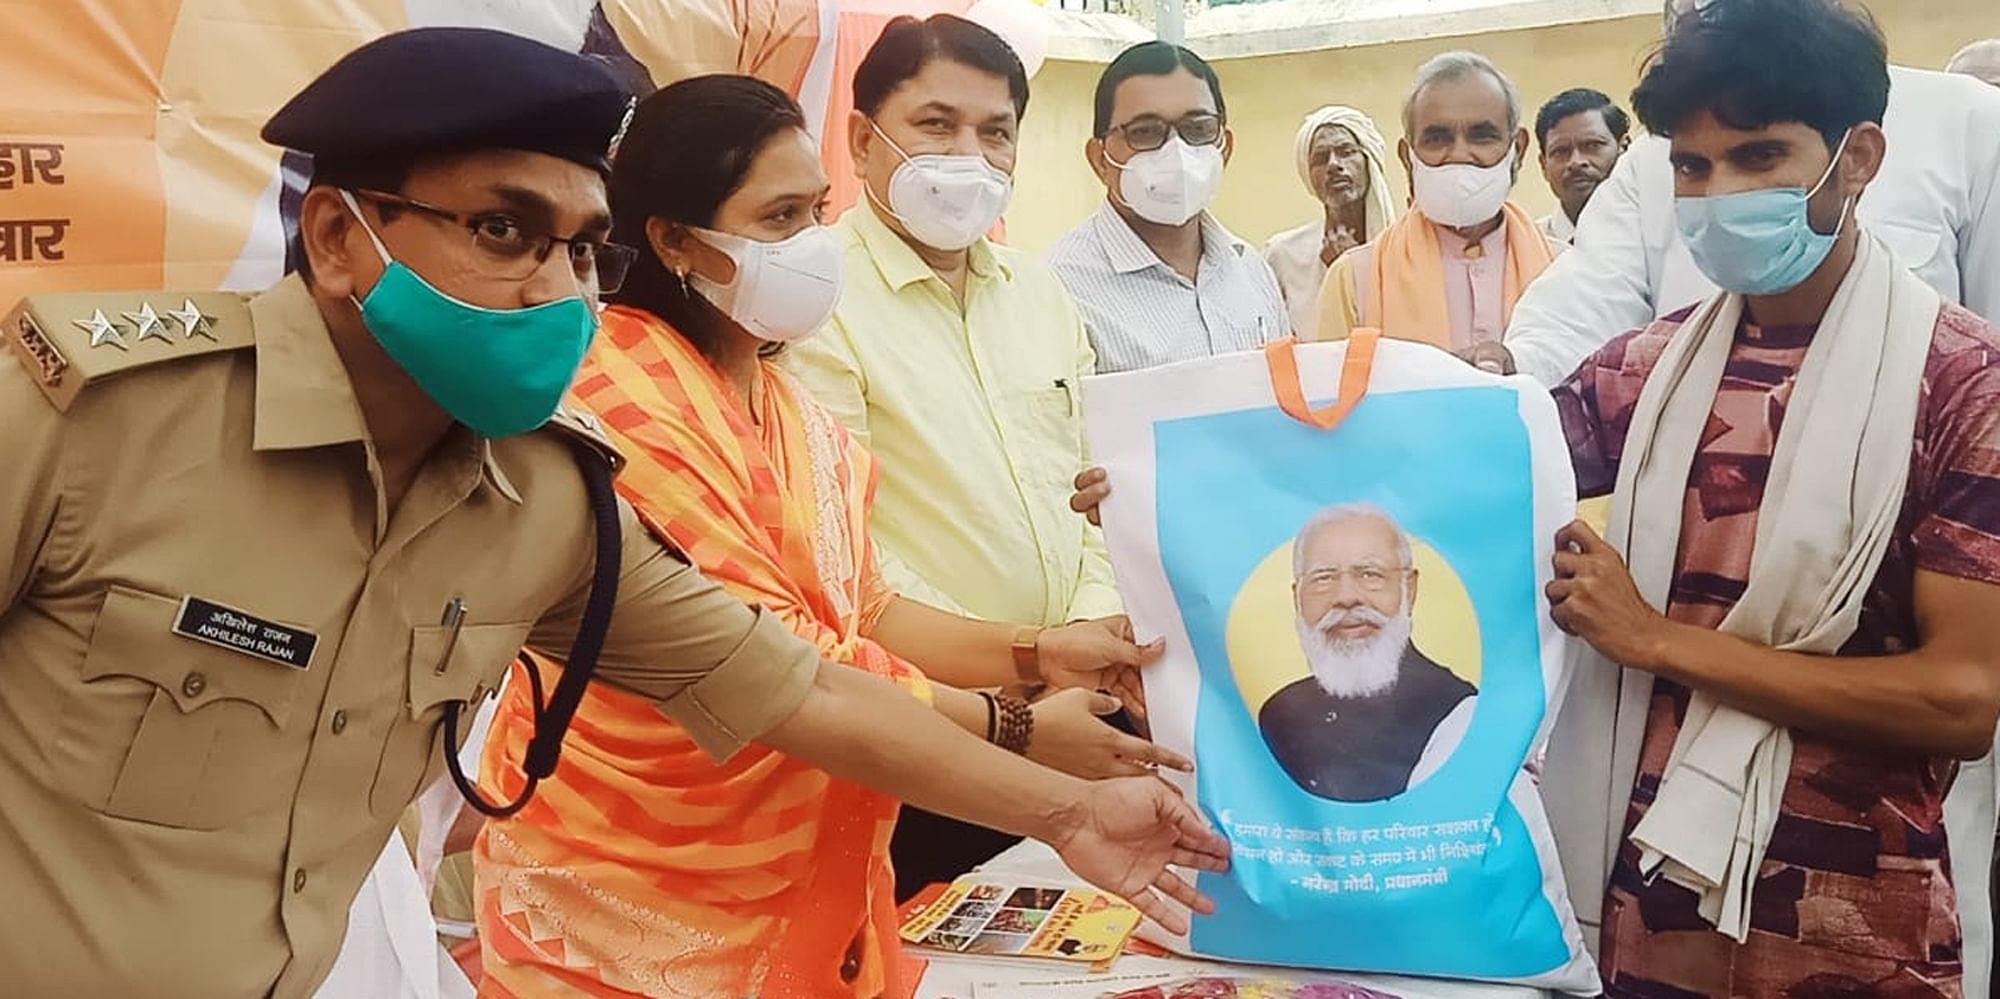 राठ के कुर्रा गांव में राशन वितरित करातीं विधायक मनीषा अनुरागी